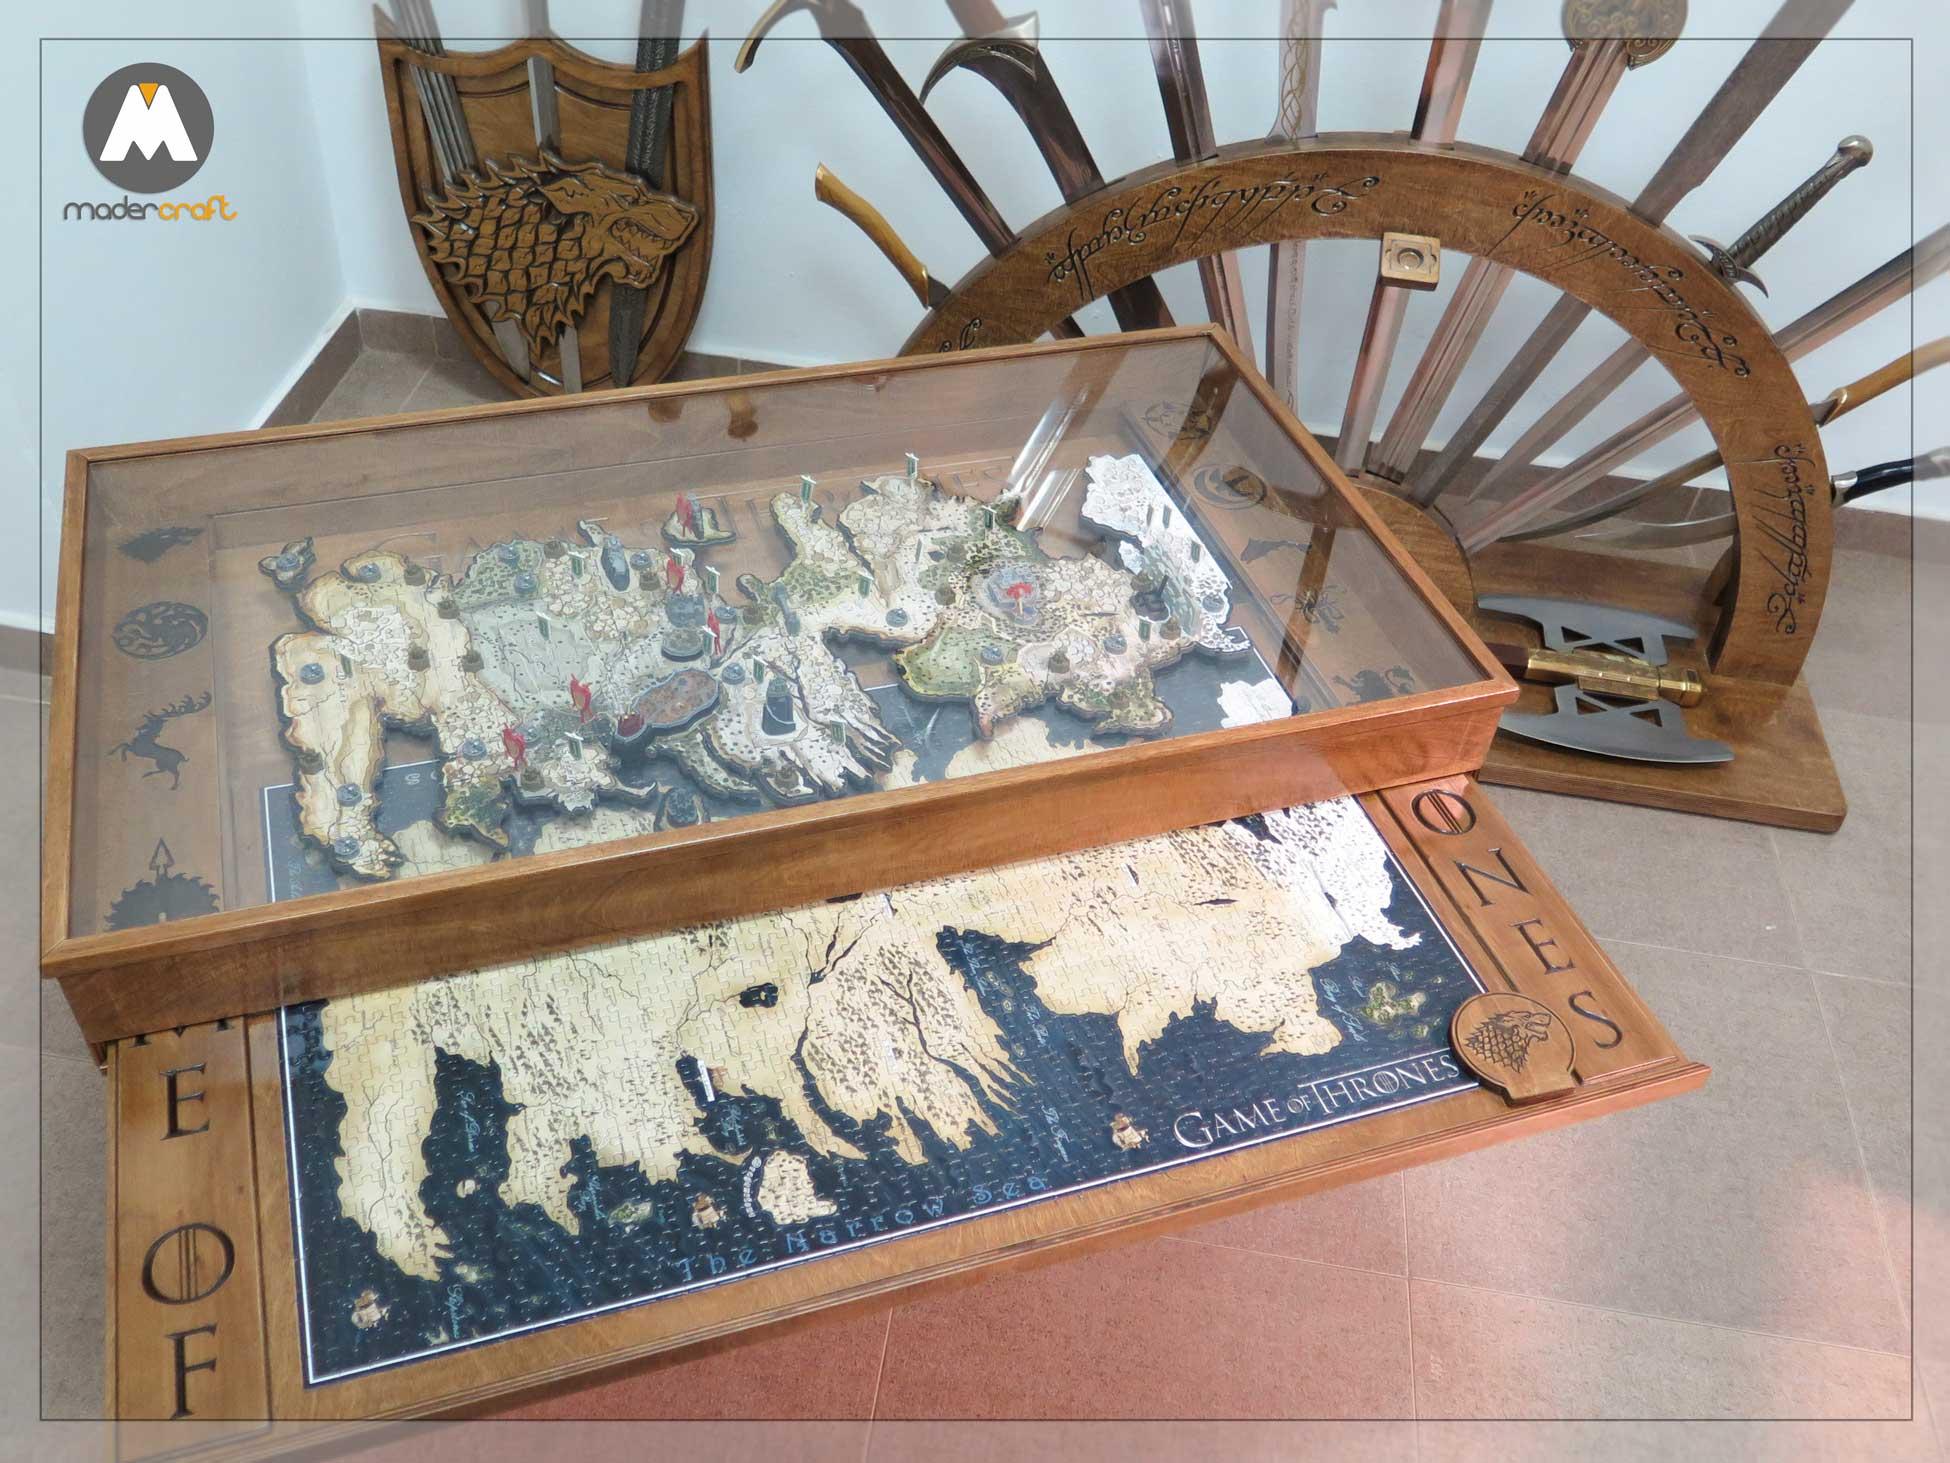 Espadero y Mesa de Coleccionista. Espadas y hacha de Gimli, Puzzle 4D. Señor de los anillos y Juego de Tronos, casa stark. Mesa deslizante